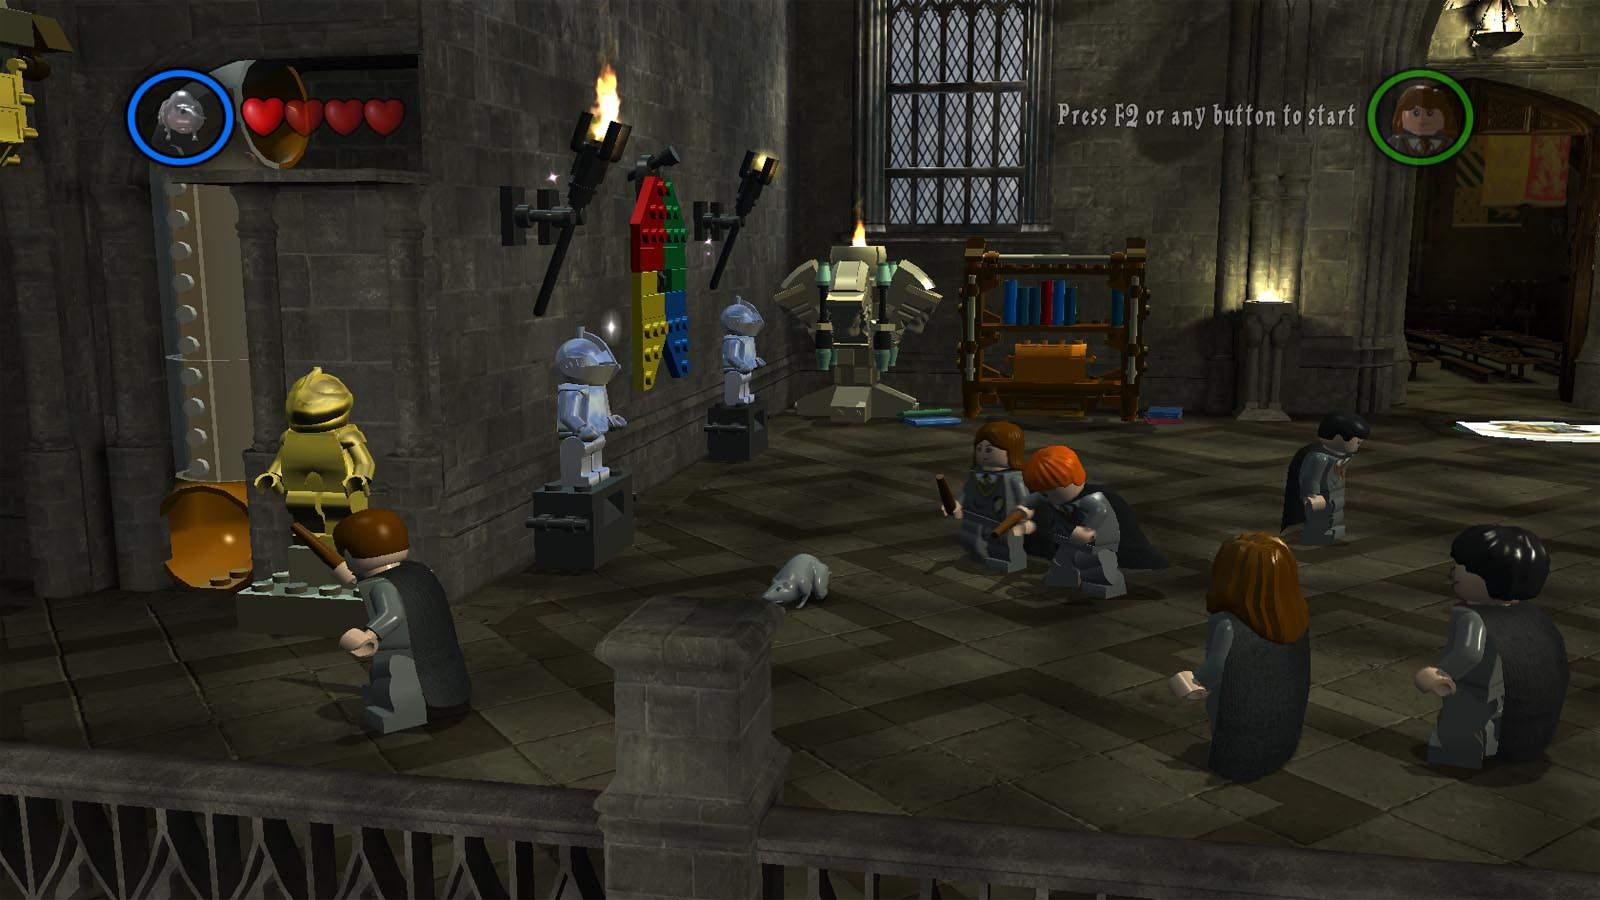 تحميل لعبة LEGO Harry Potter Years 1-4 مضغوطة برابط واحد مباشر + تورنت كاملة مجانا